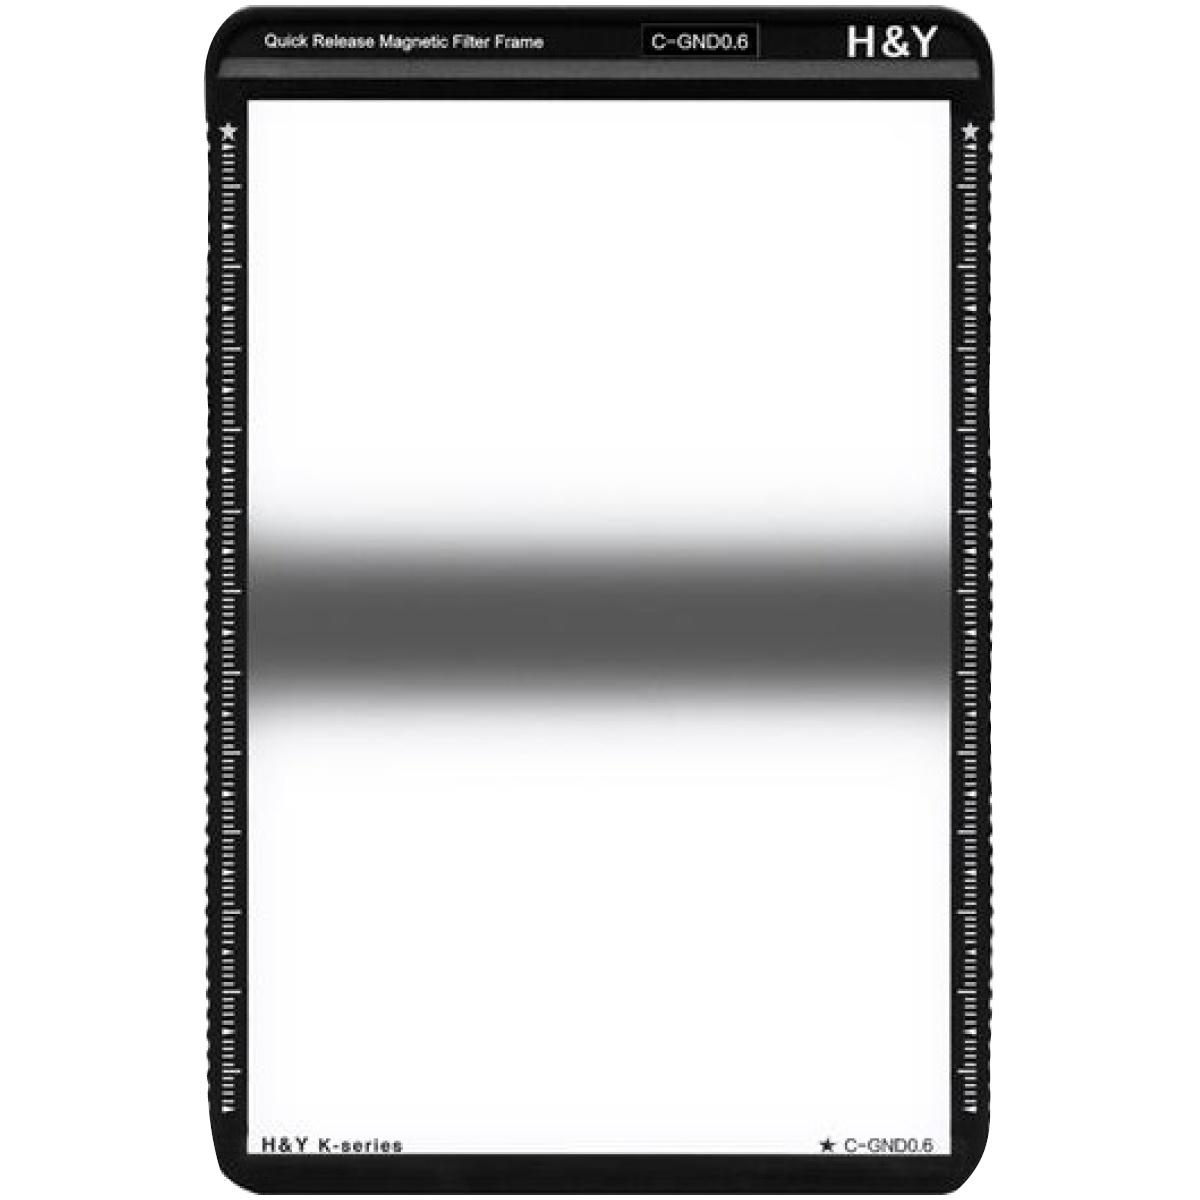 H&Y Grauverlaufsfilter 100x150 mm GND4 Zentral K-Serie